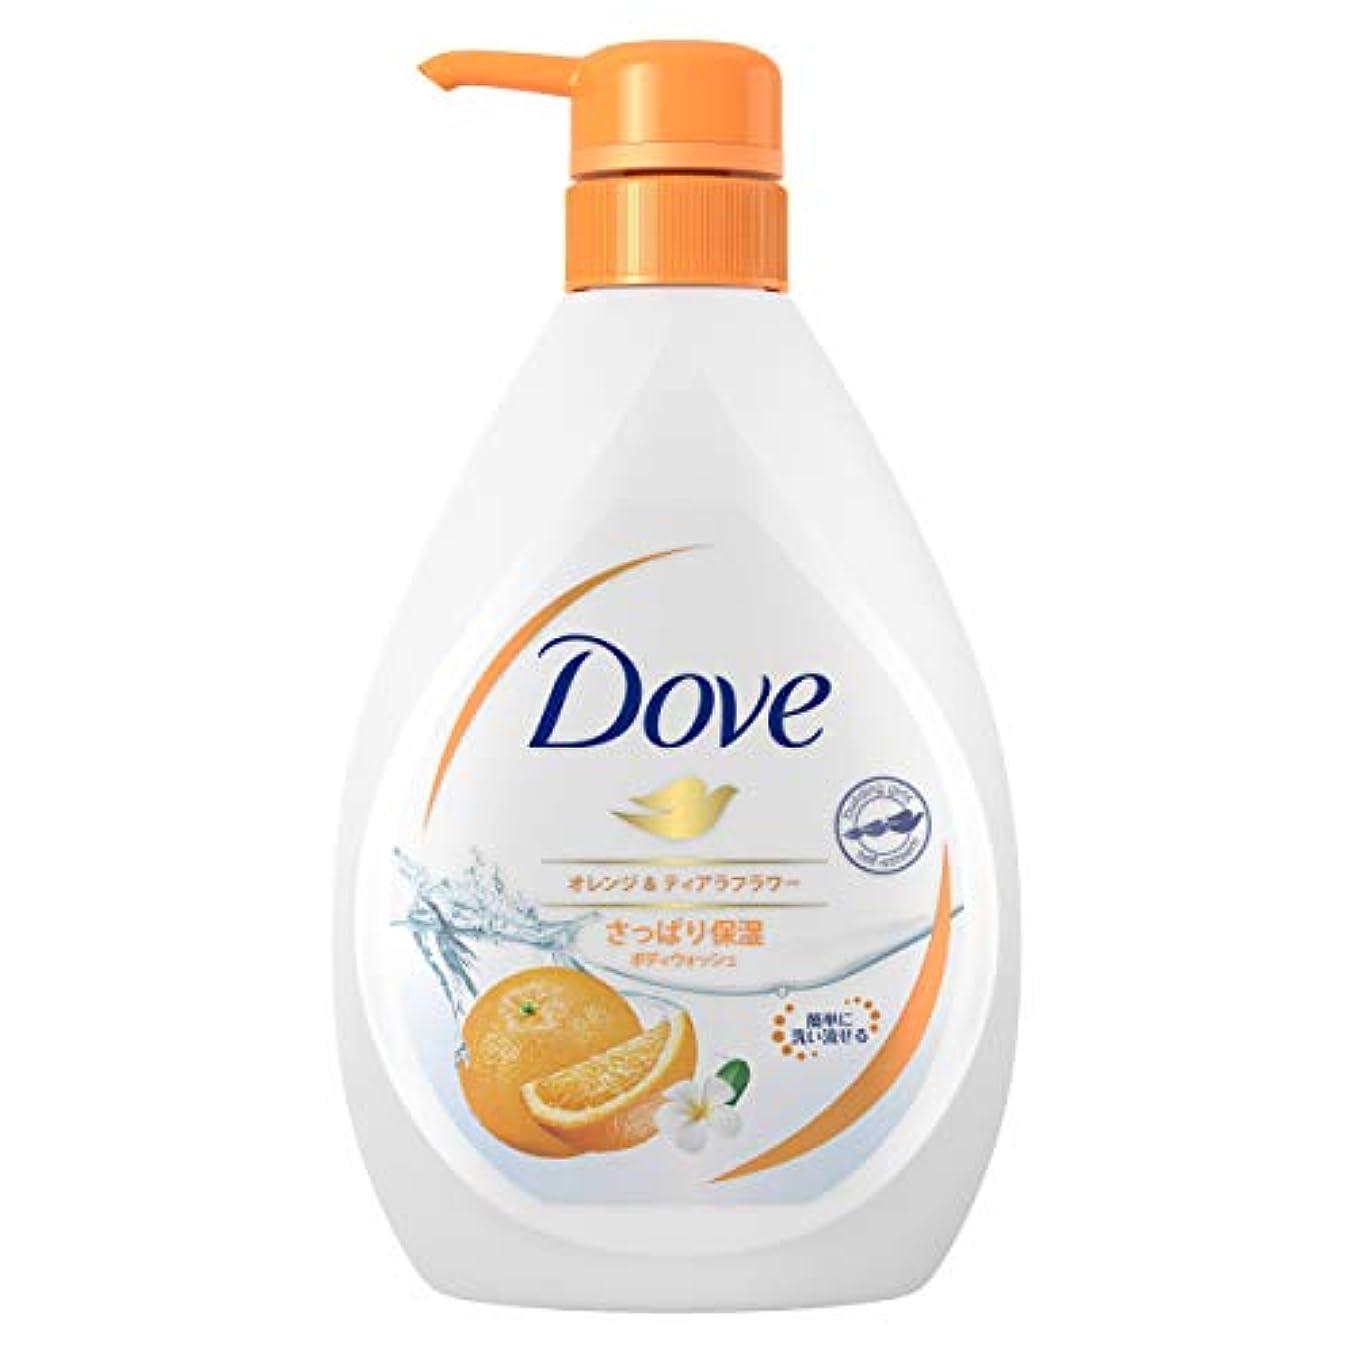 優れた話す米国Dove ダヴ ボディウォッシュ オレンジ & ティアラフラワー ポンプ 500g